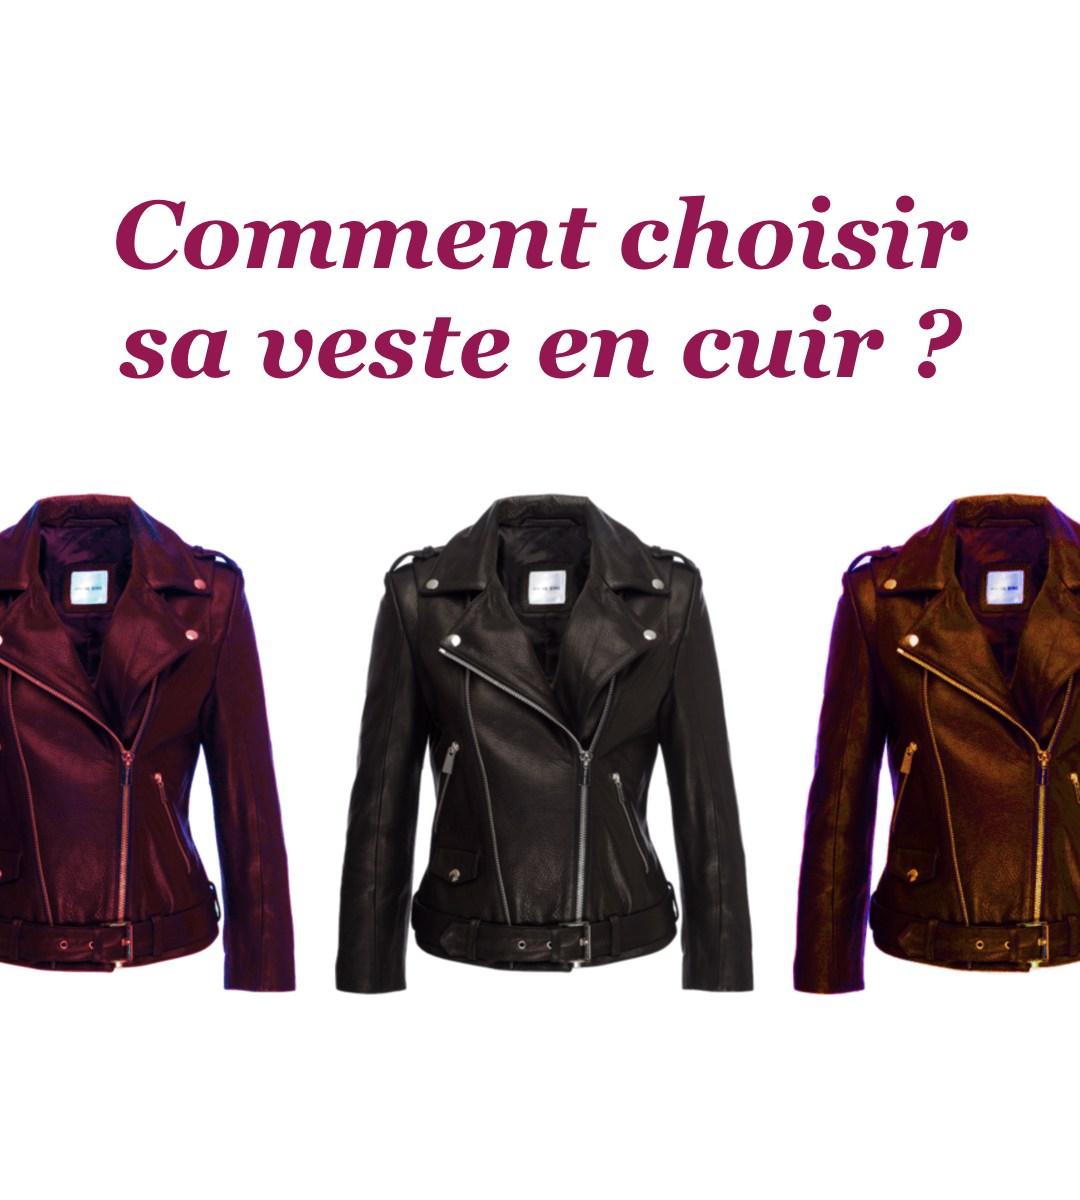 choisir-sa-veste-en-cuir